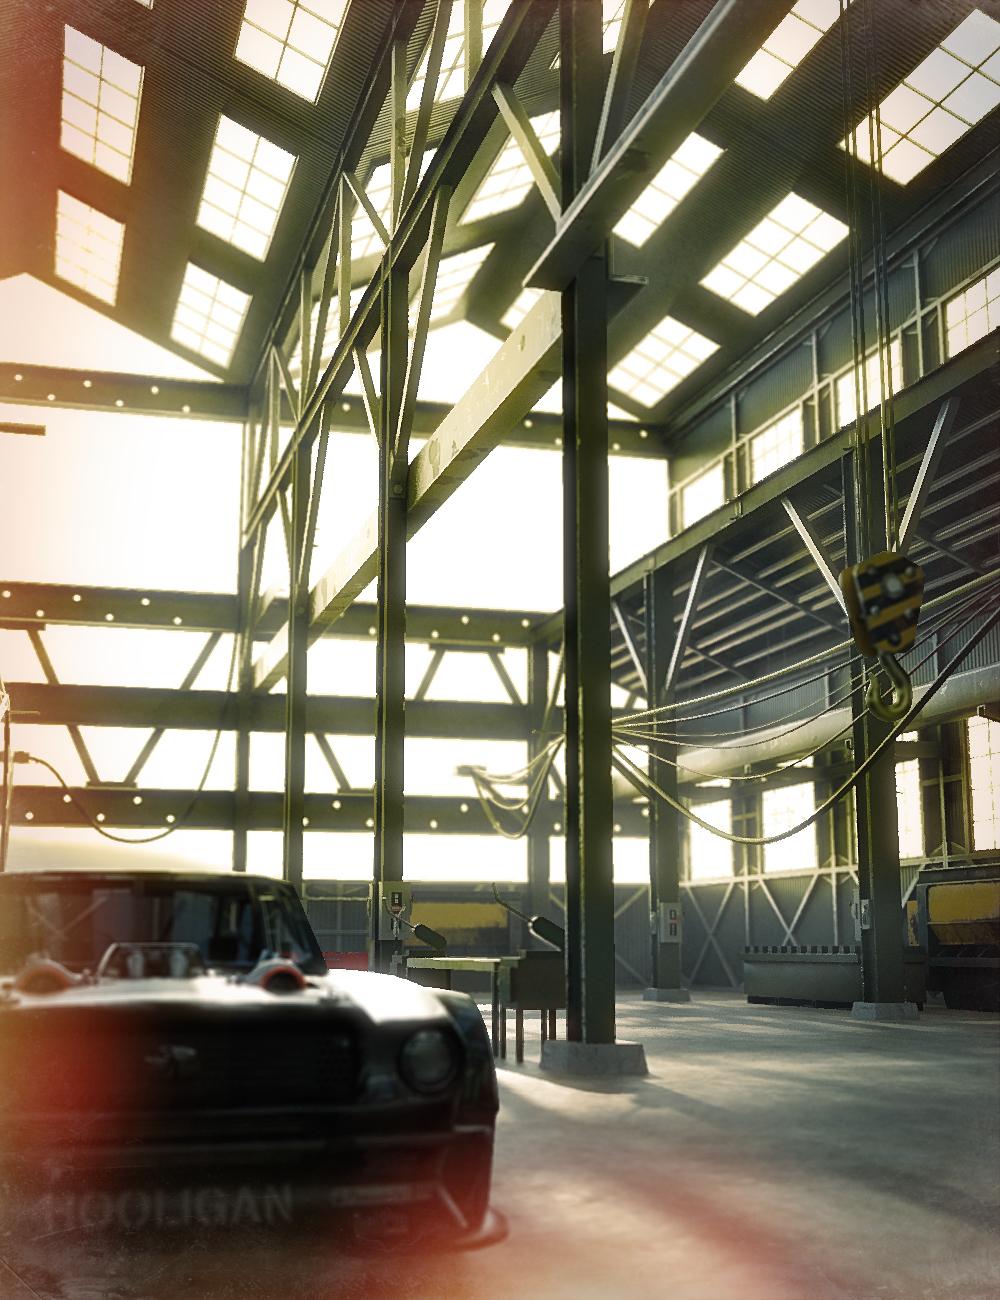 Industrial Garage by: DarkEdgeDesign, 3D Models by Daz 3D